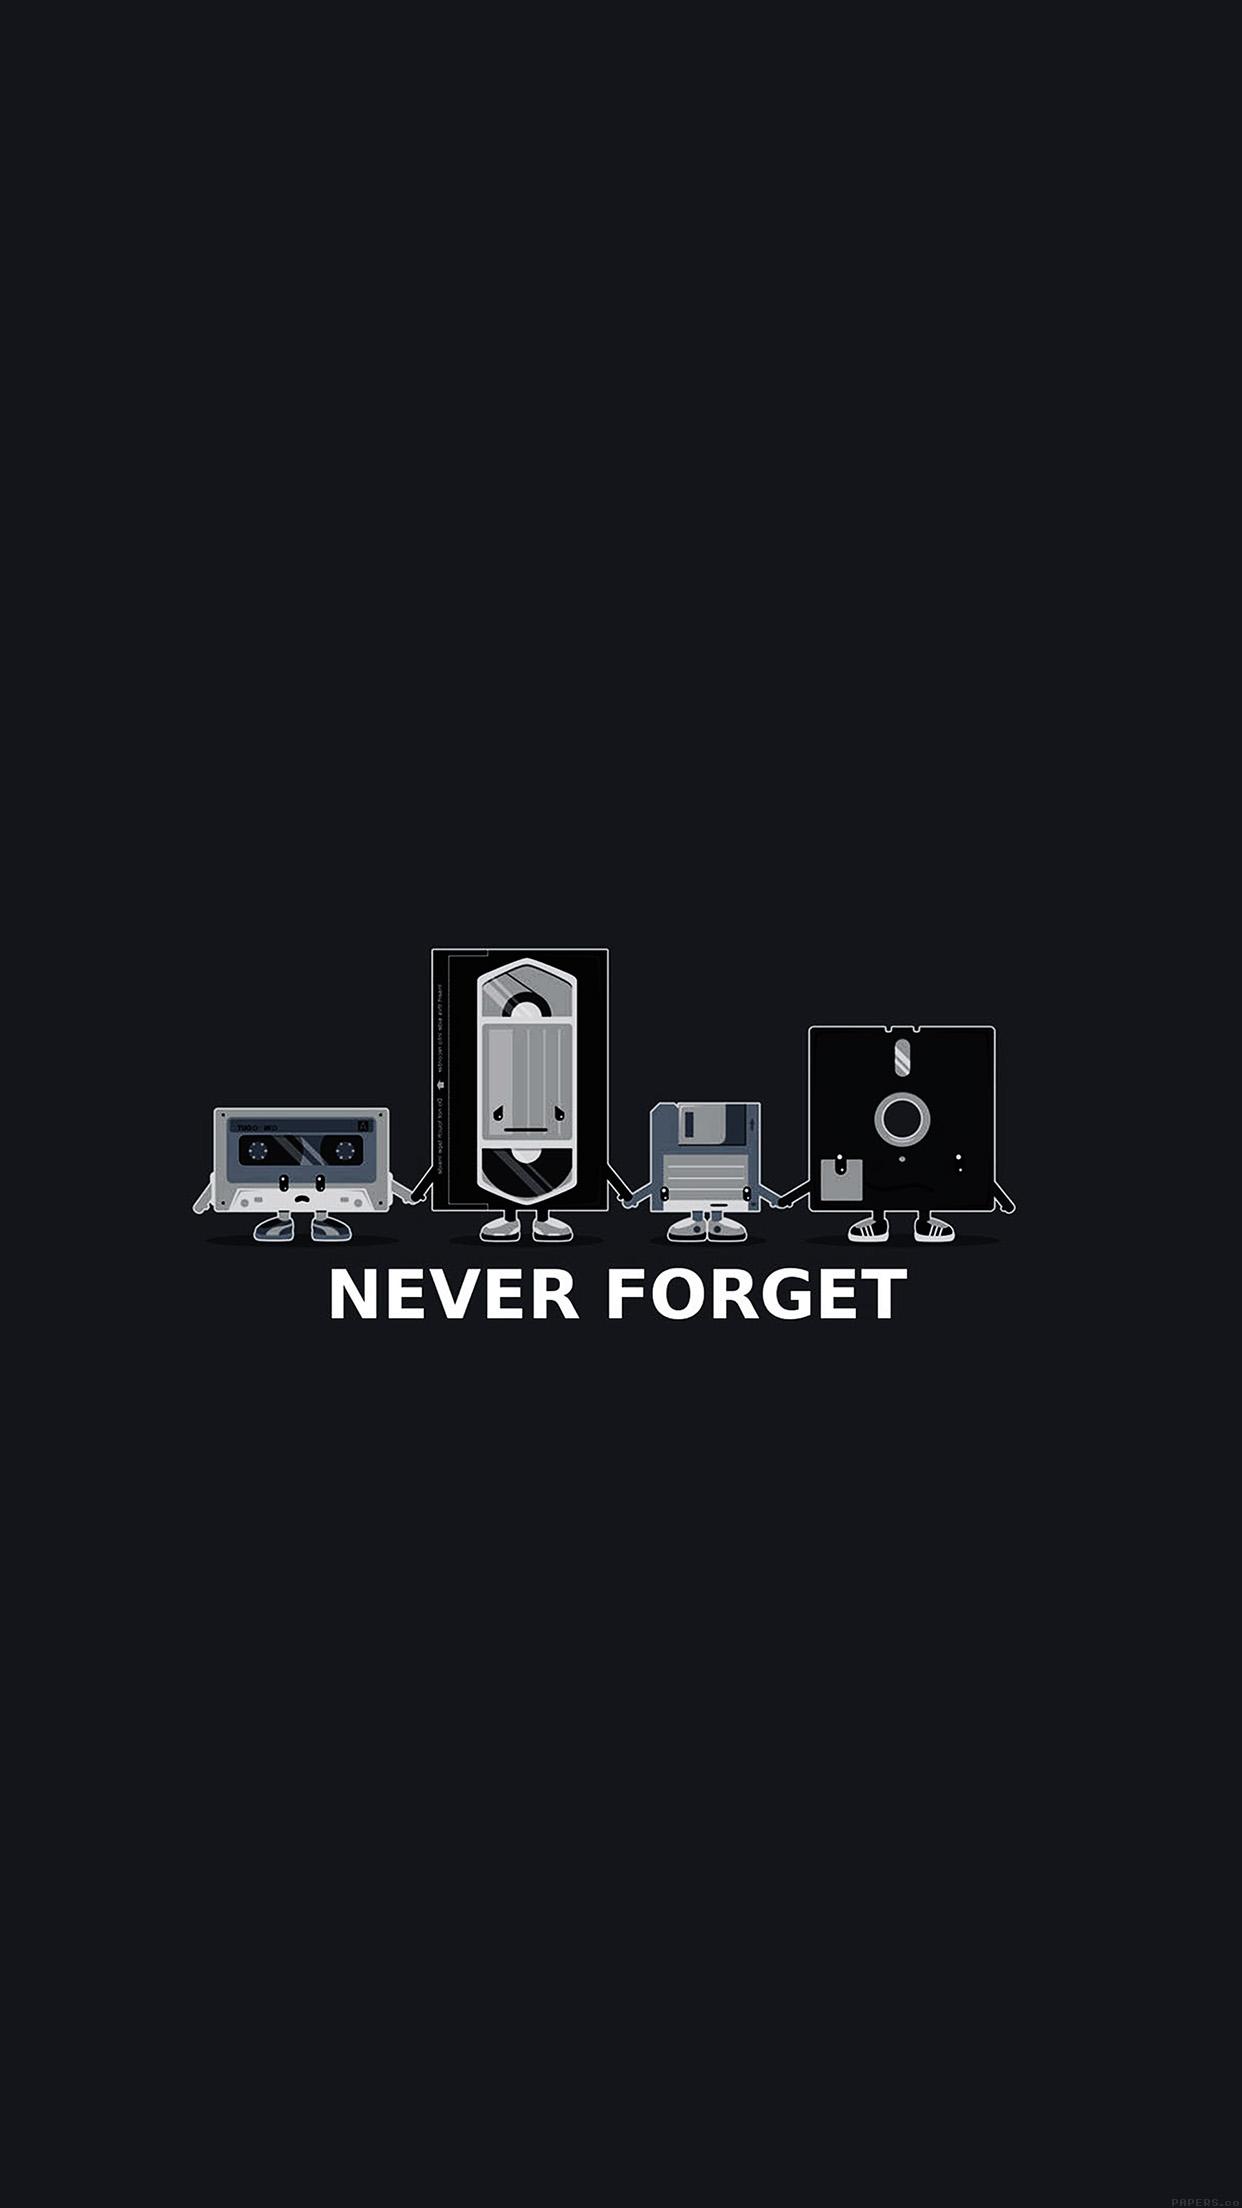 Af82 Never Forget Floppy History Dark Cute Illust